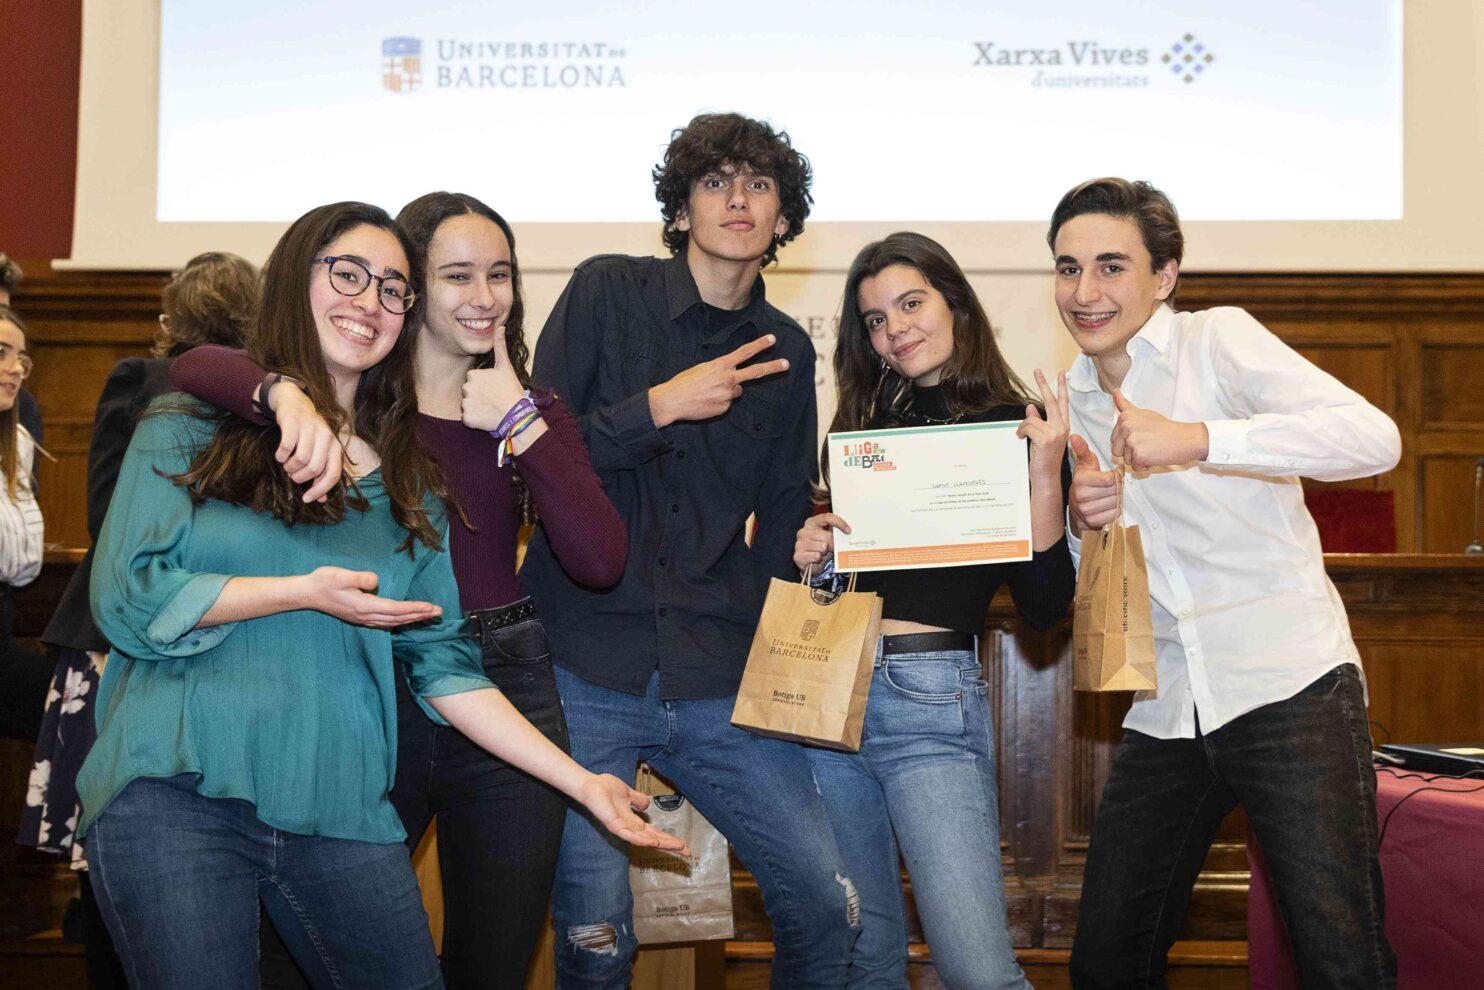 Equip campió de la fase local de la Universitat de Barcelona a la Lliga de Debat